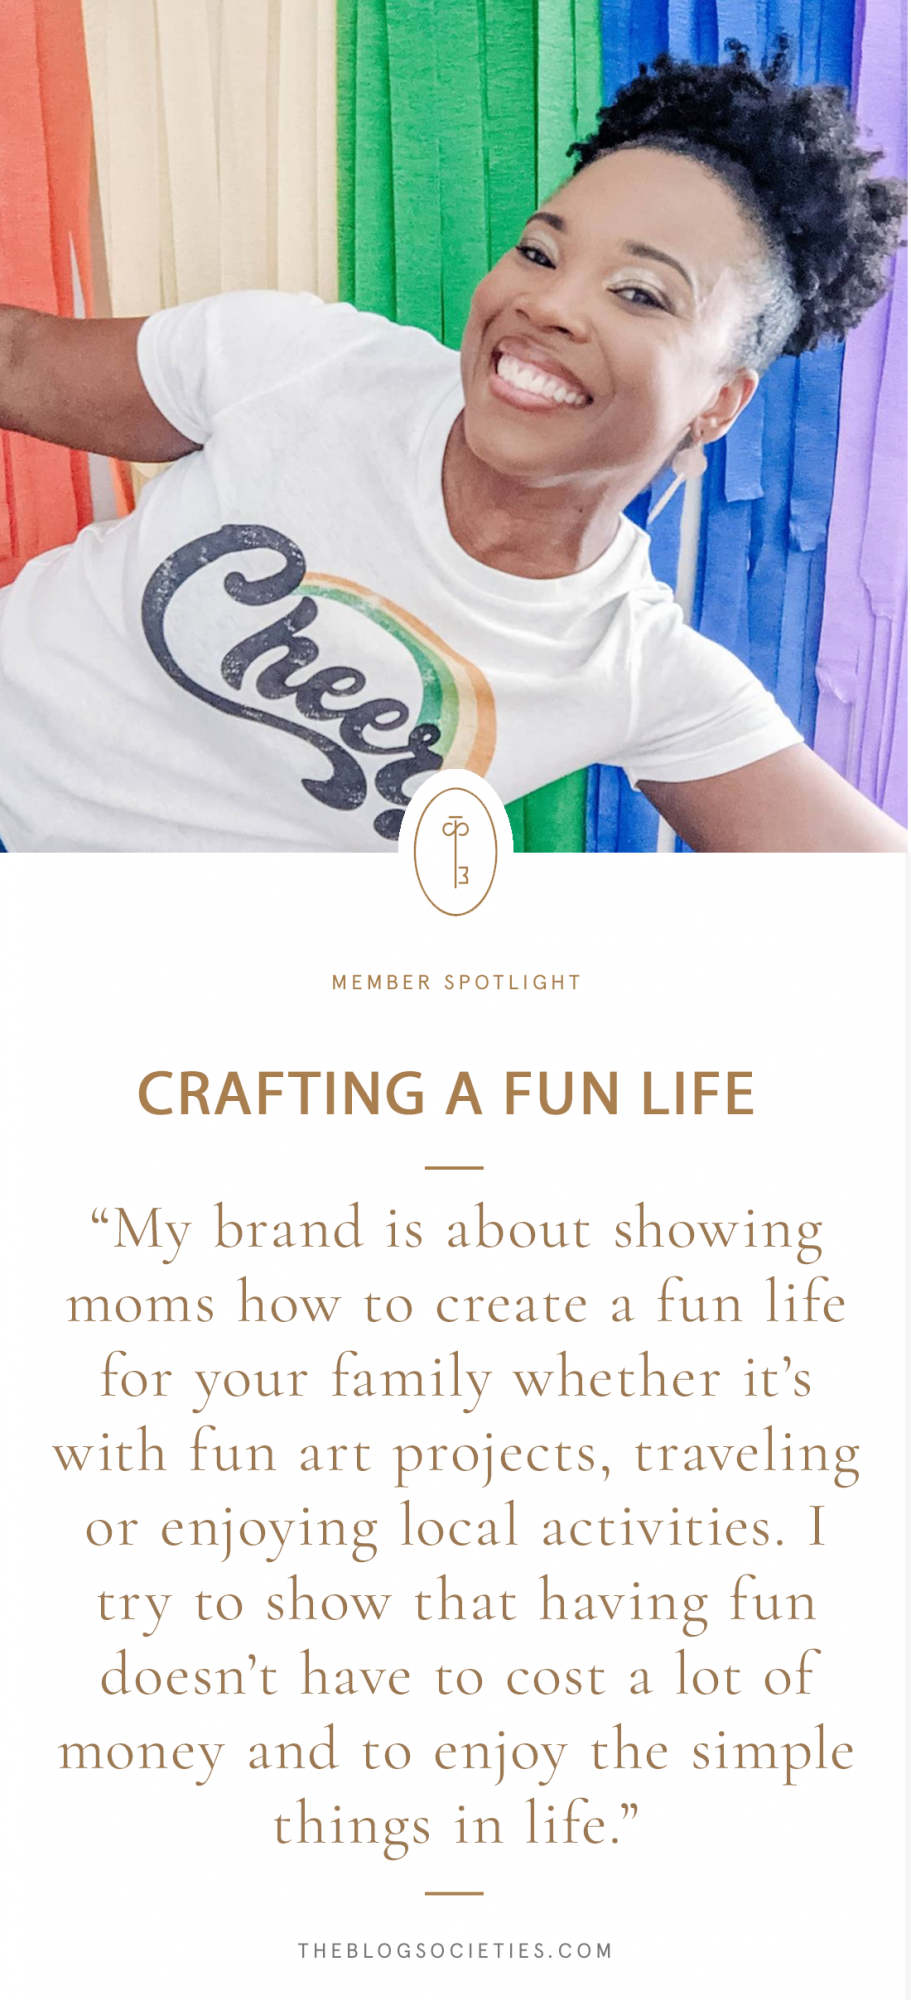 Karimah of Crafting a Fun Life